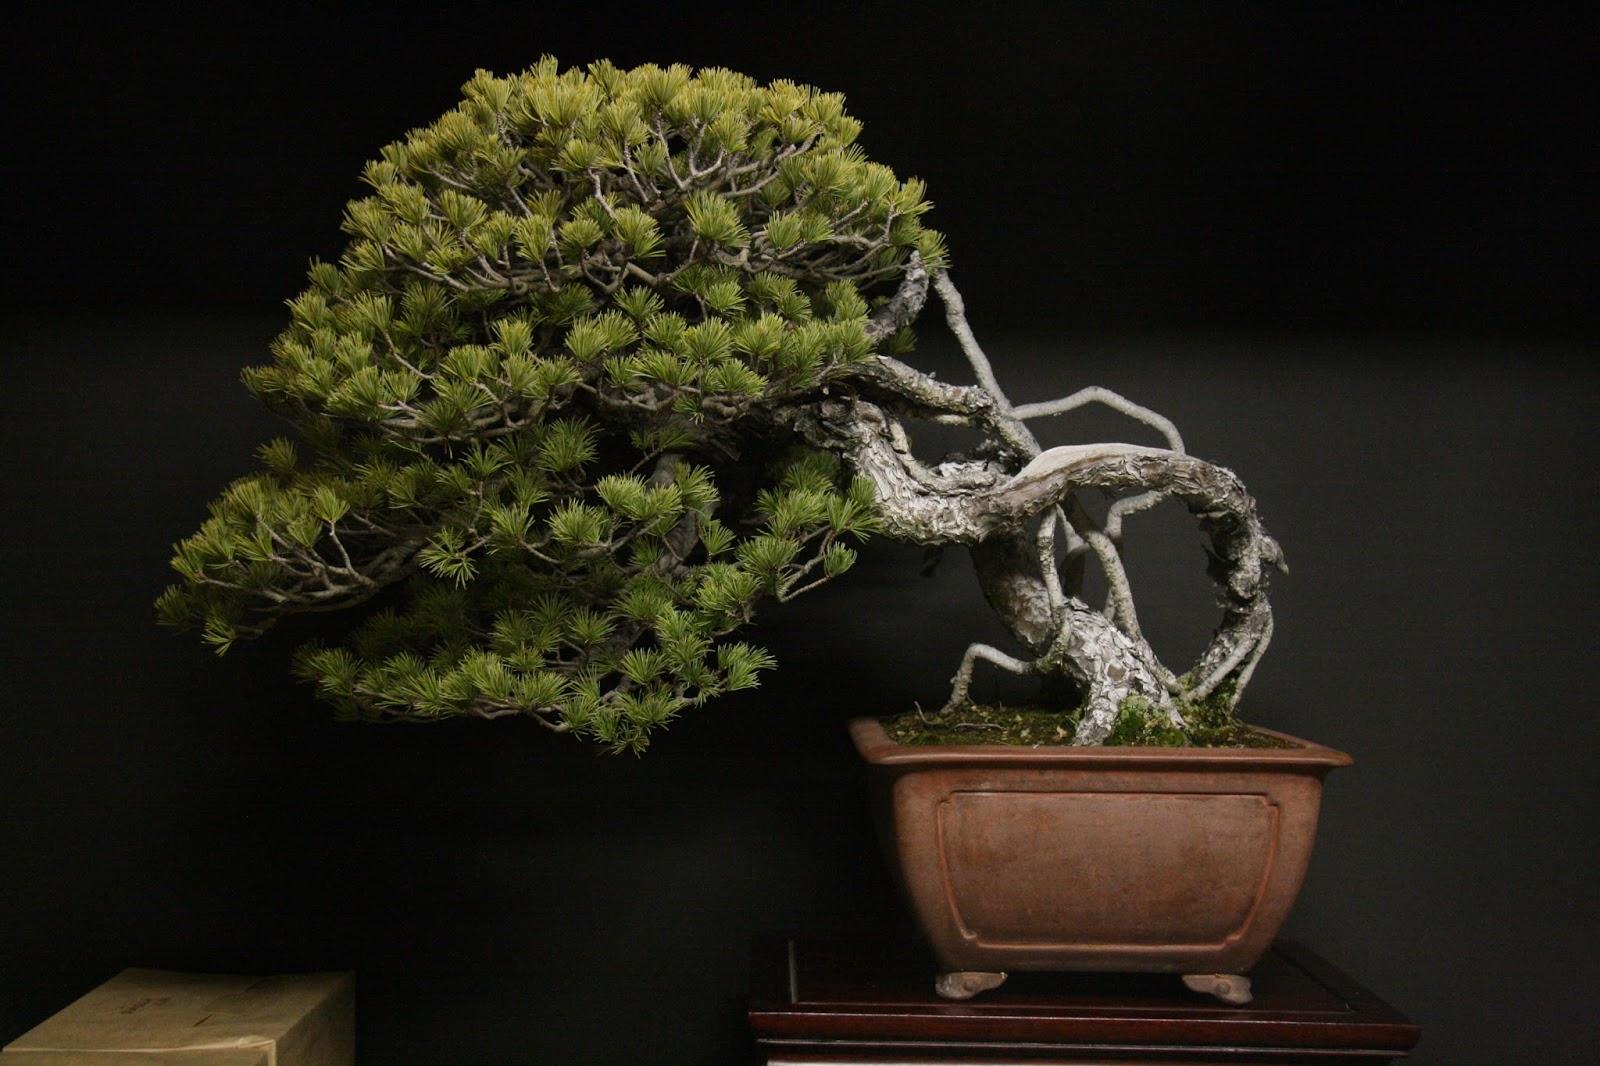 дерево бонсай виды фото расположена